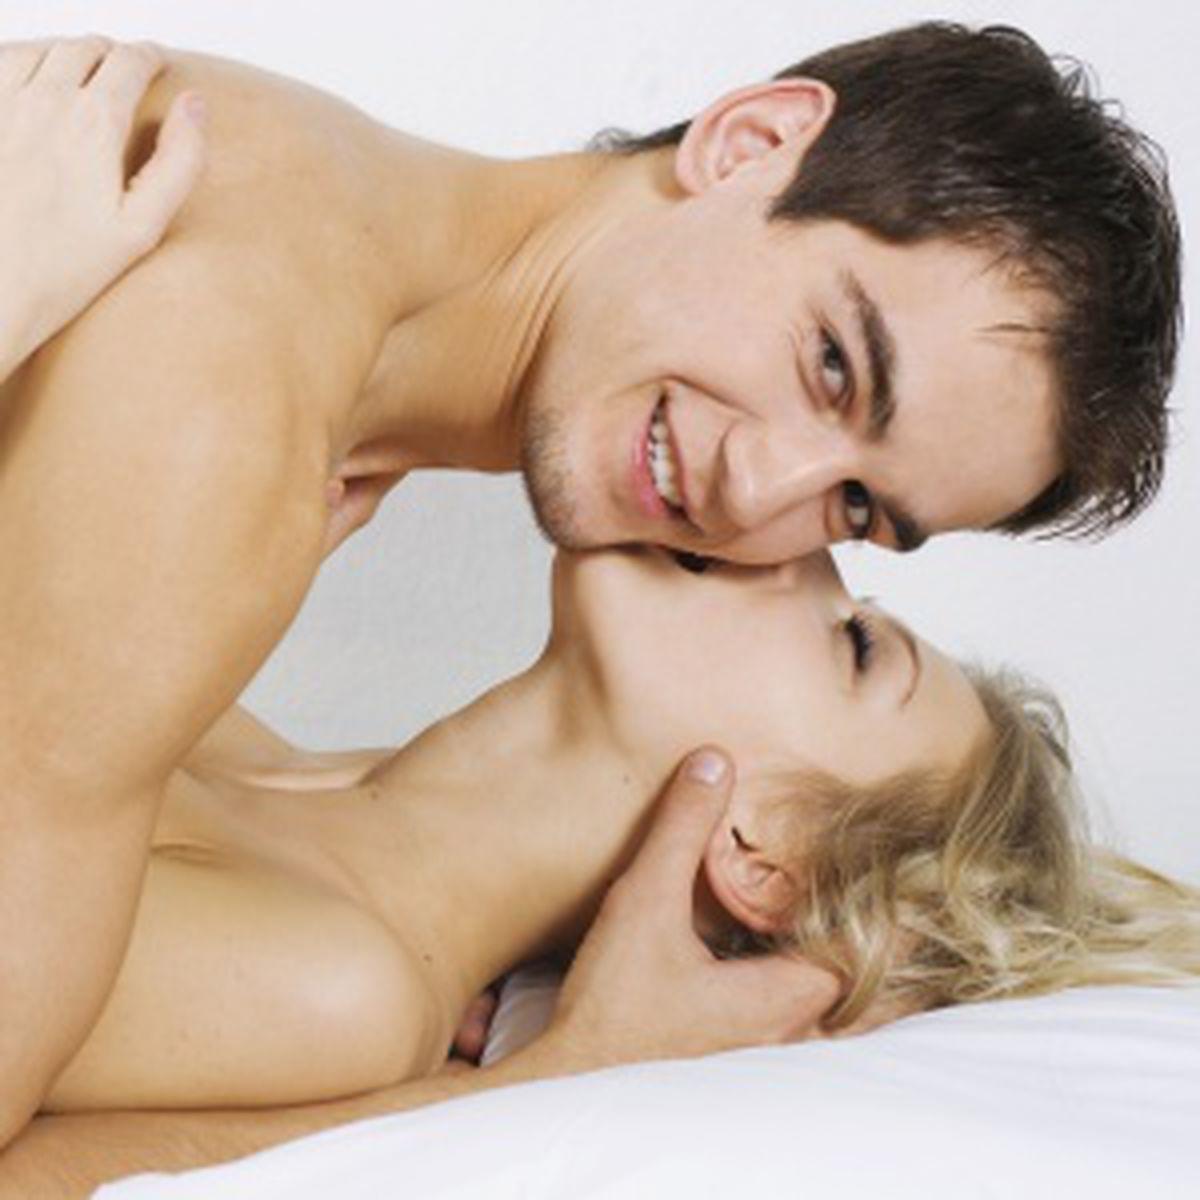 erecție slabă cum se restabilește erecție matinală până la ce vârstă